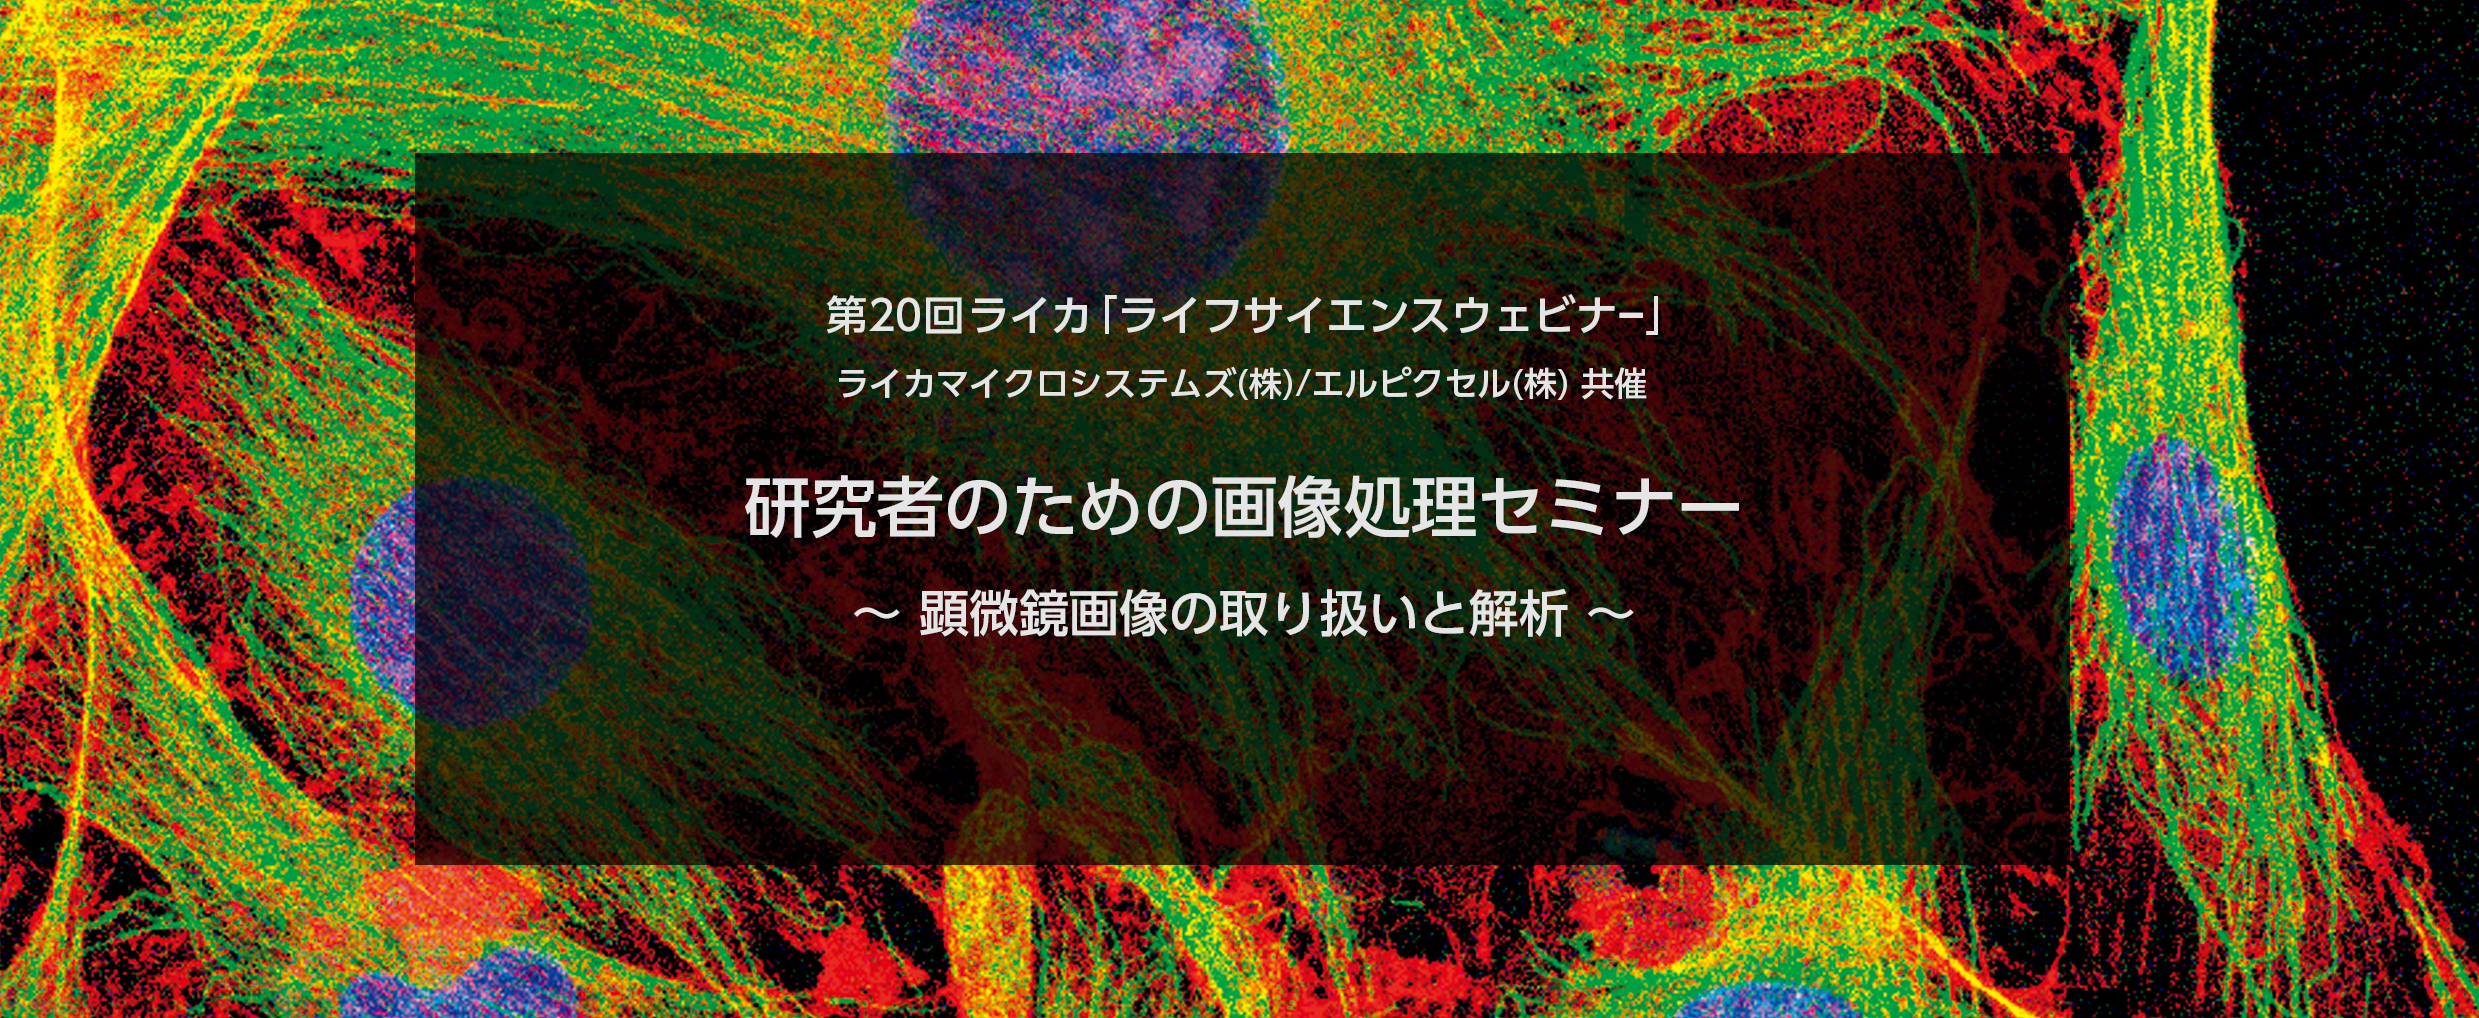 研究者のための画像処理・解析セミナー ~顕微鏡画像の取扱いと解析~